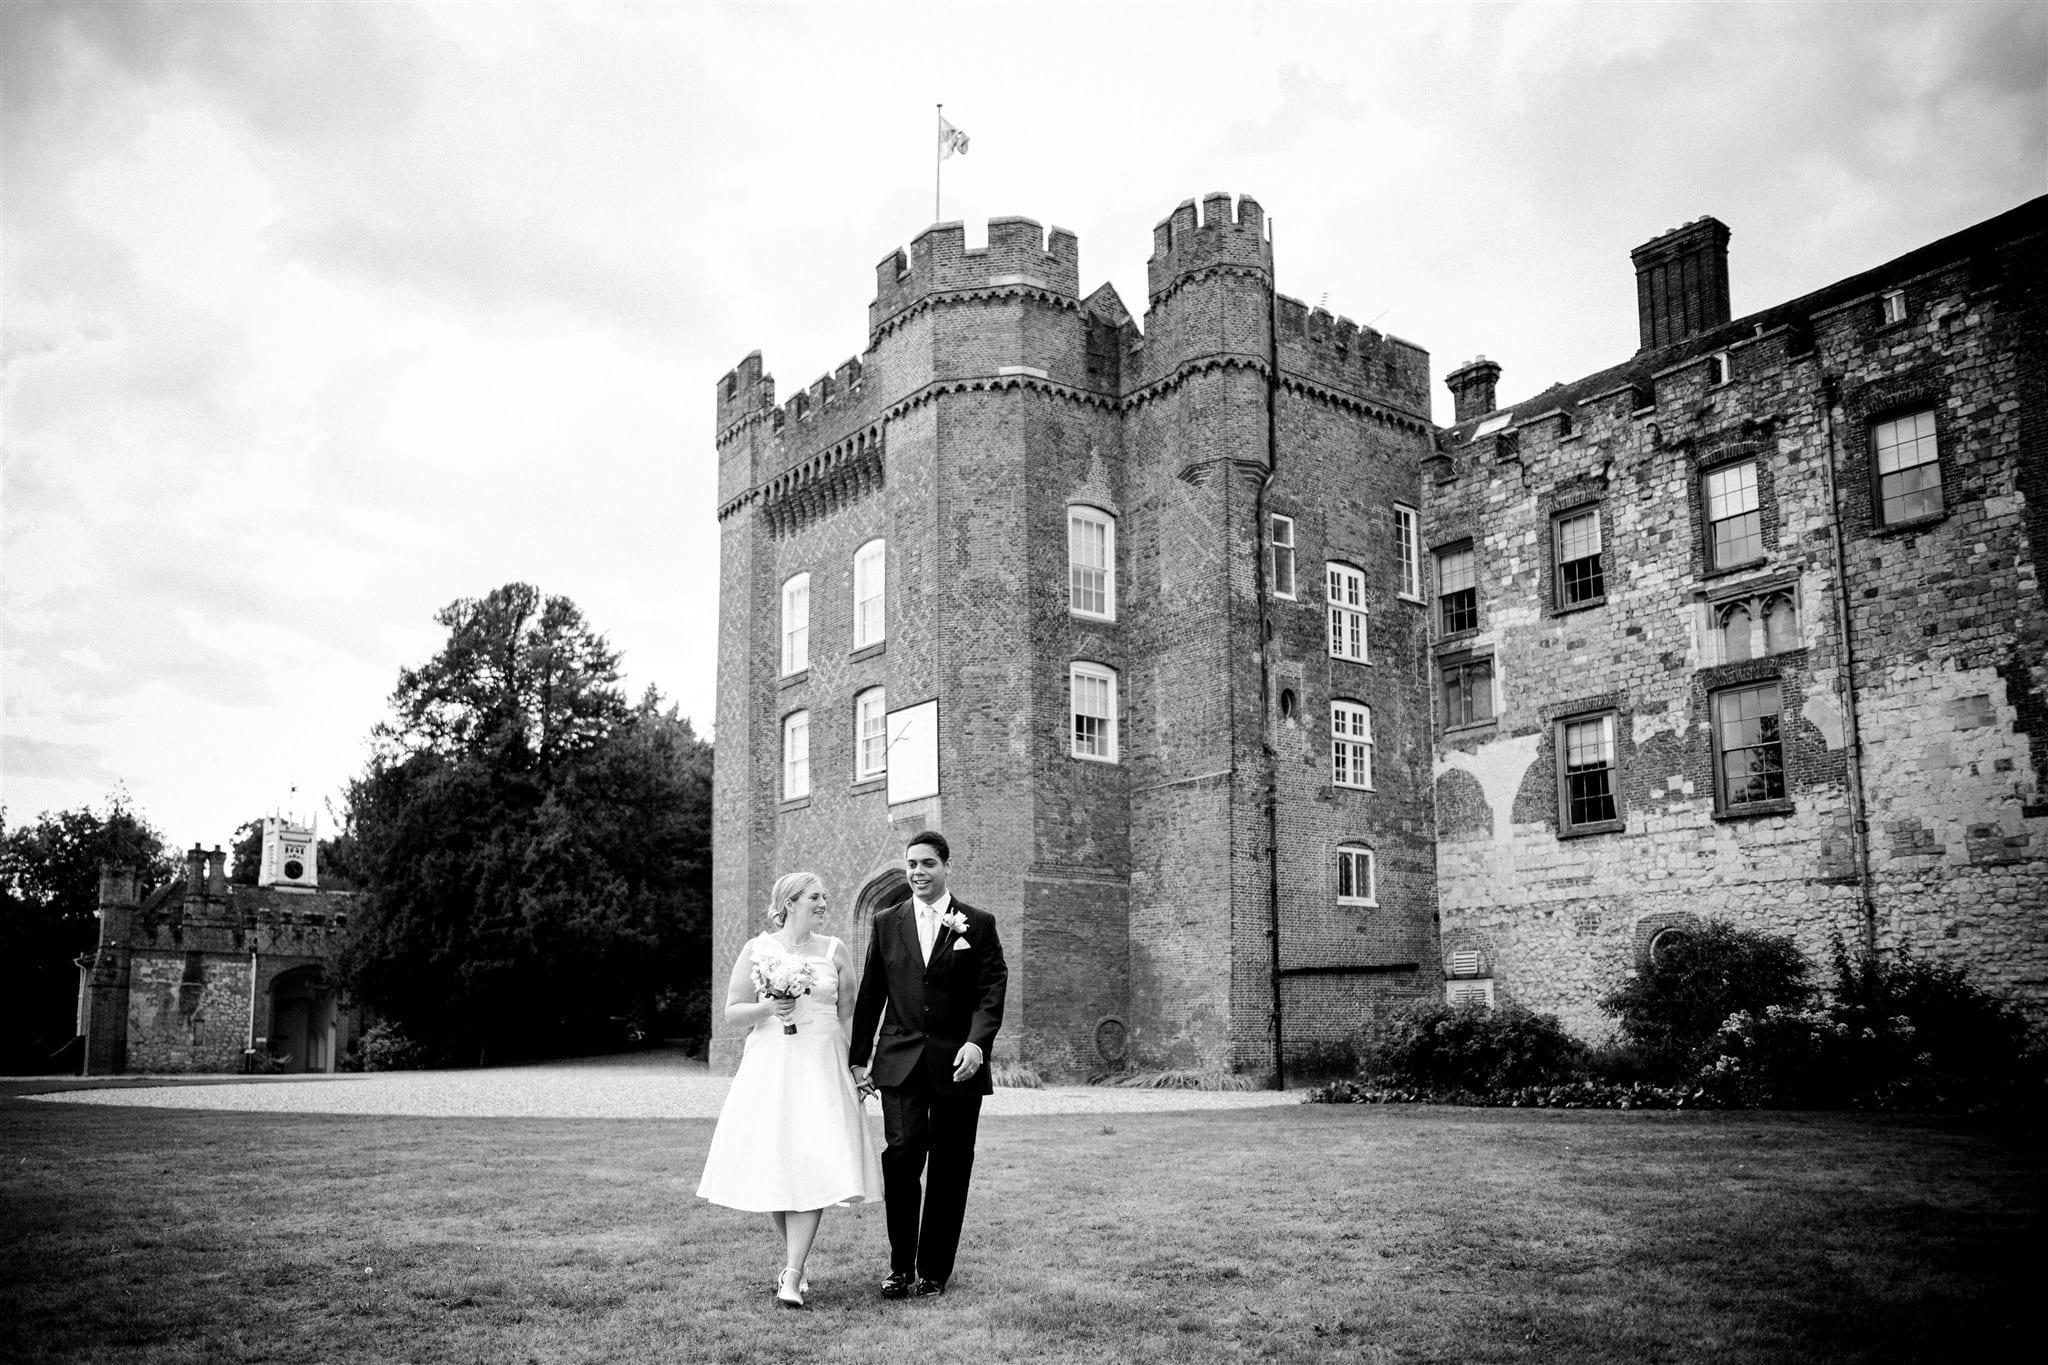 Farnham Castle small wedding venue in Surrey